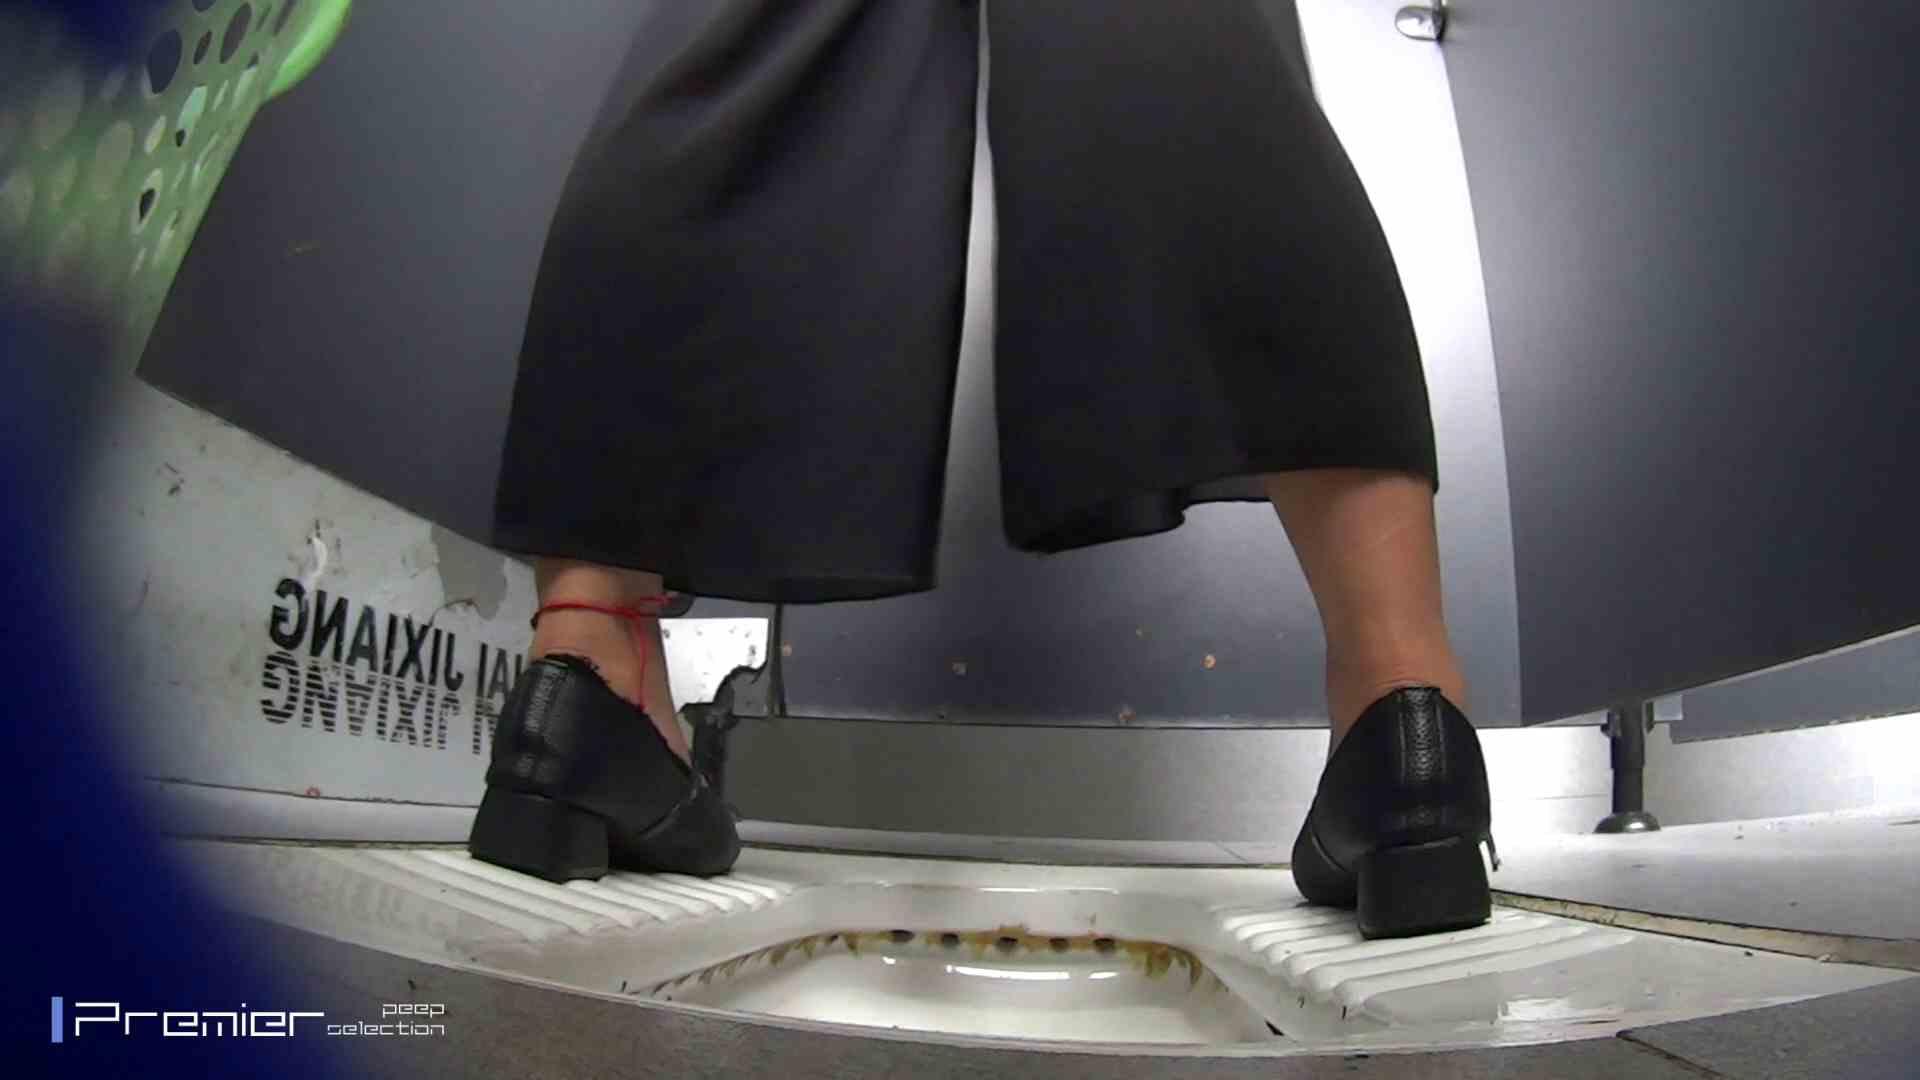 夏全開!ハーフパンツのギャル達 大学休憩時間の洗面所事情44 美女 ヌード画像 60連発 5